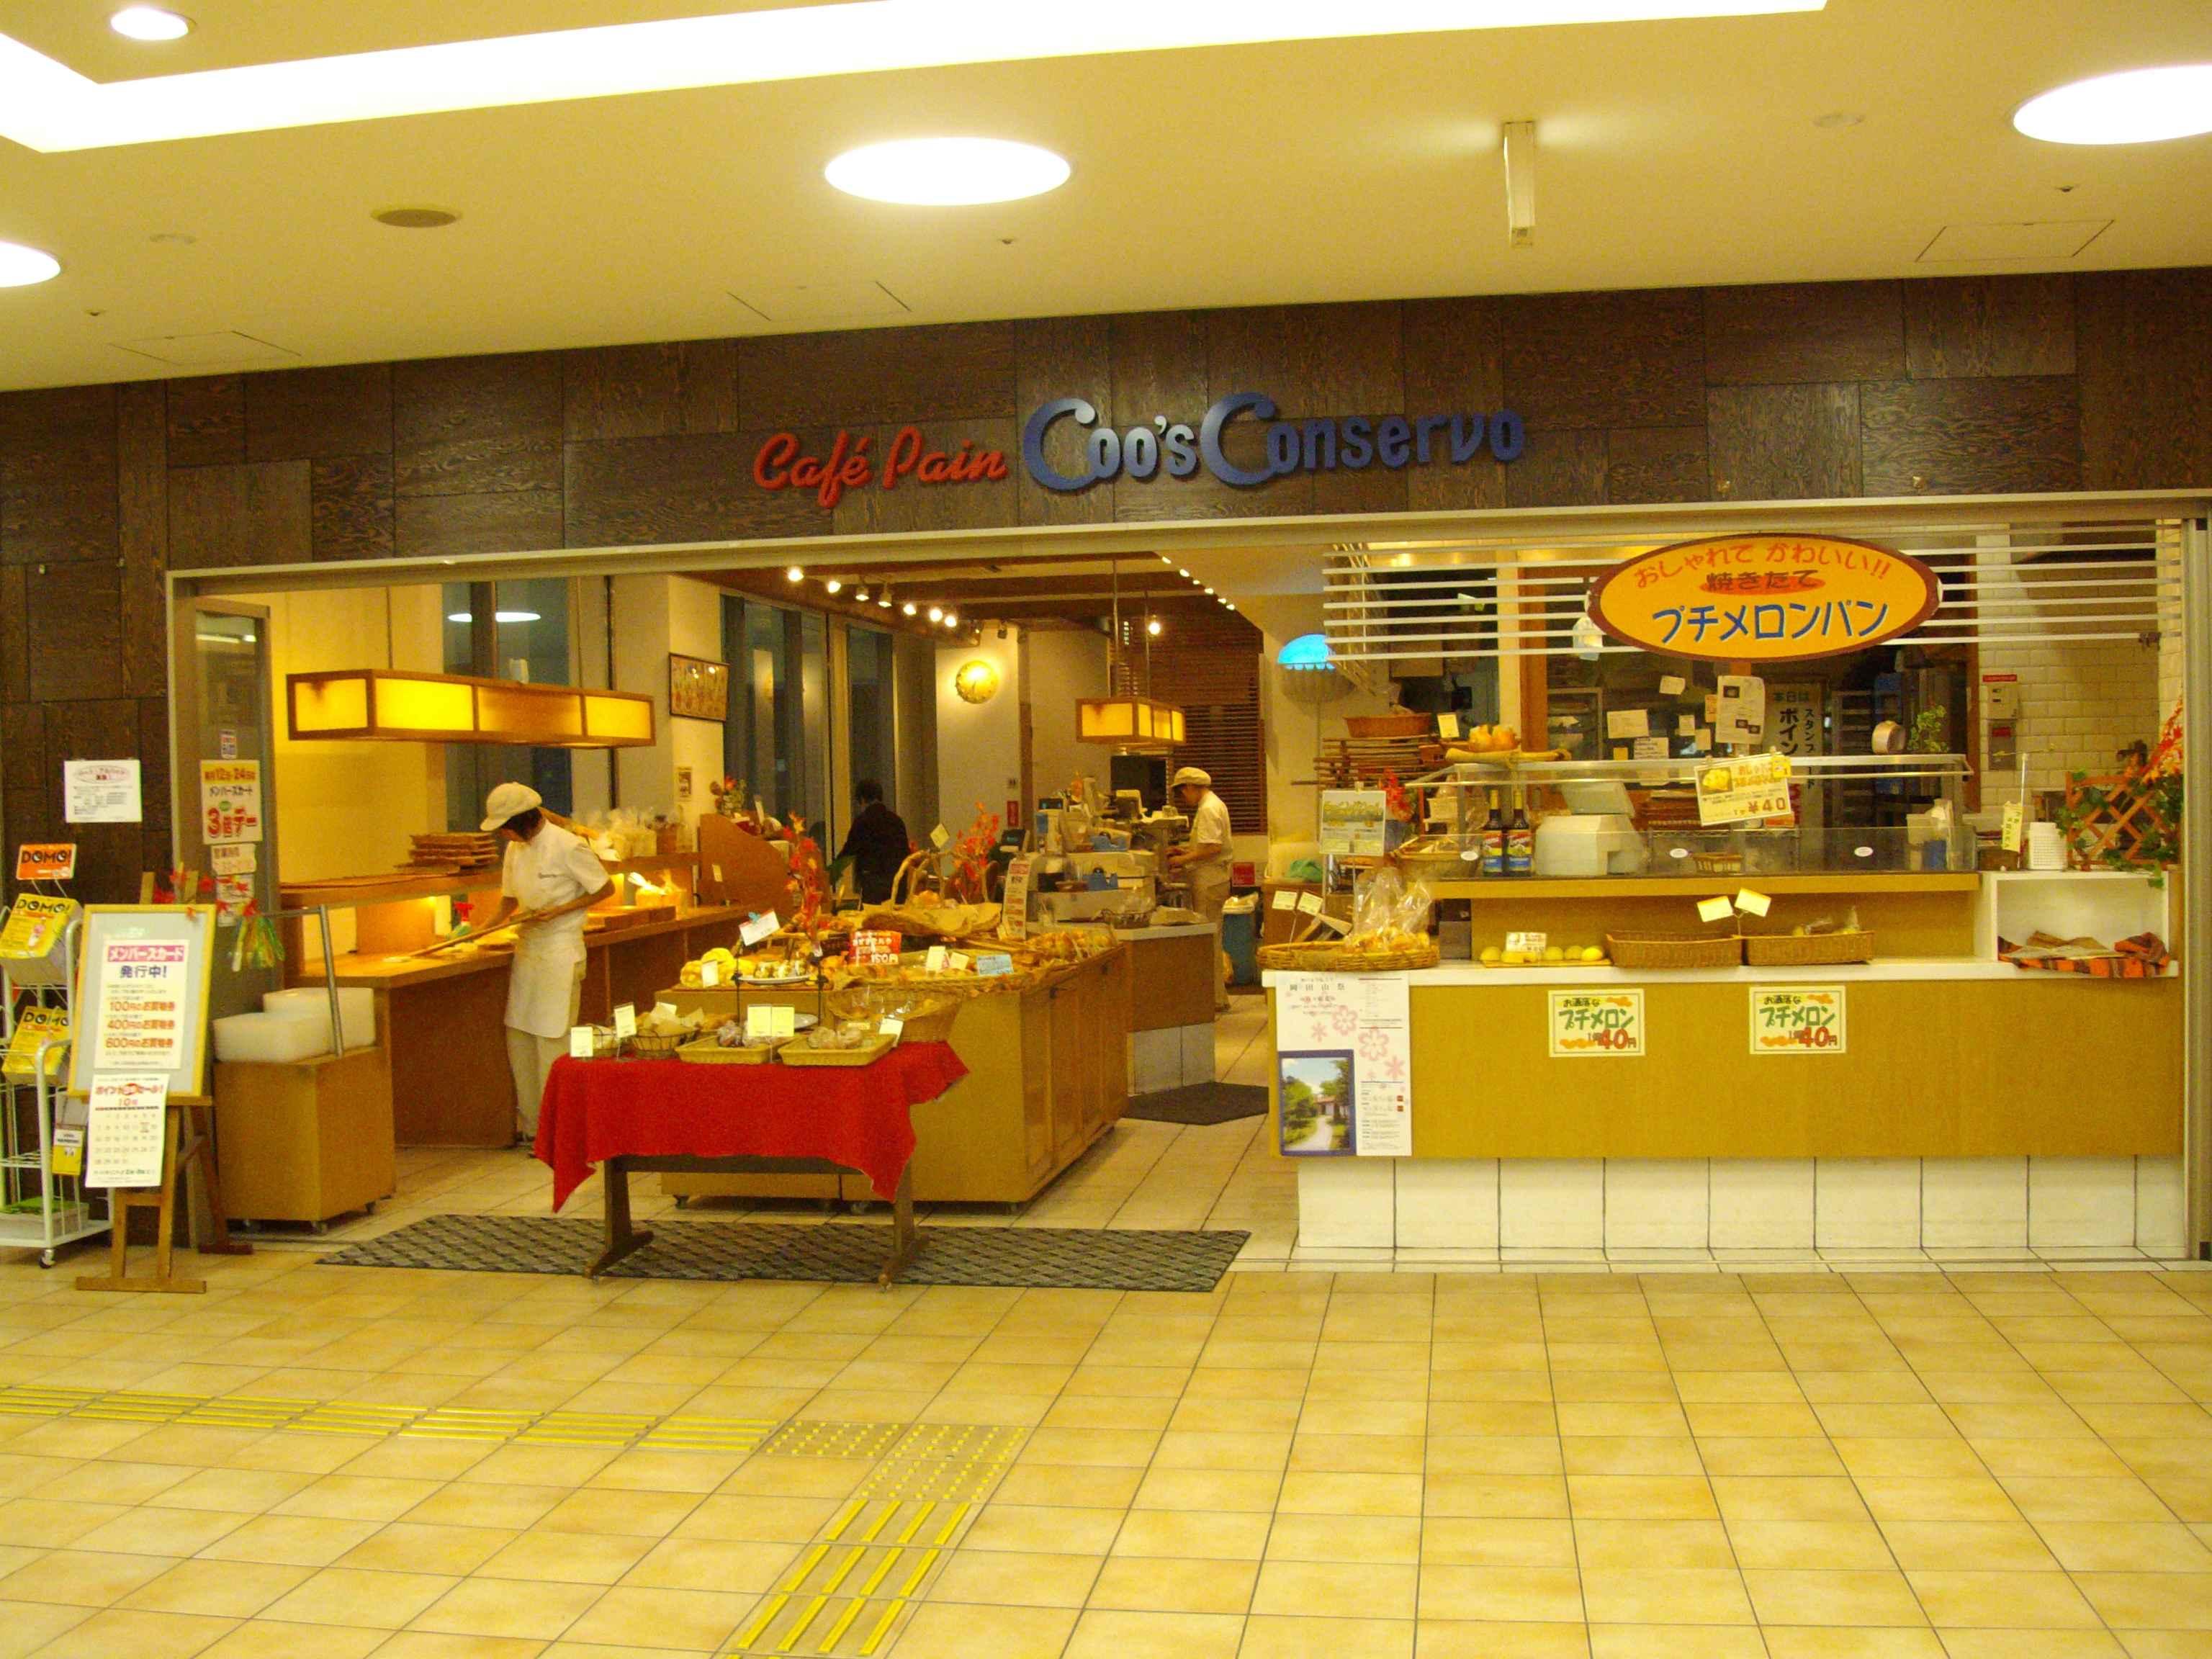 クーズコンセルボ 三国店